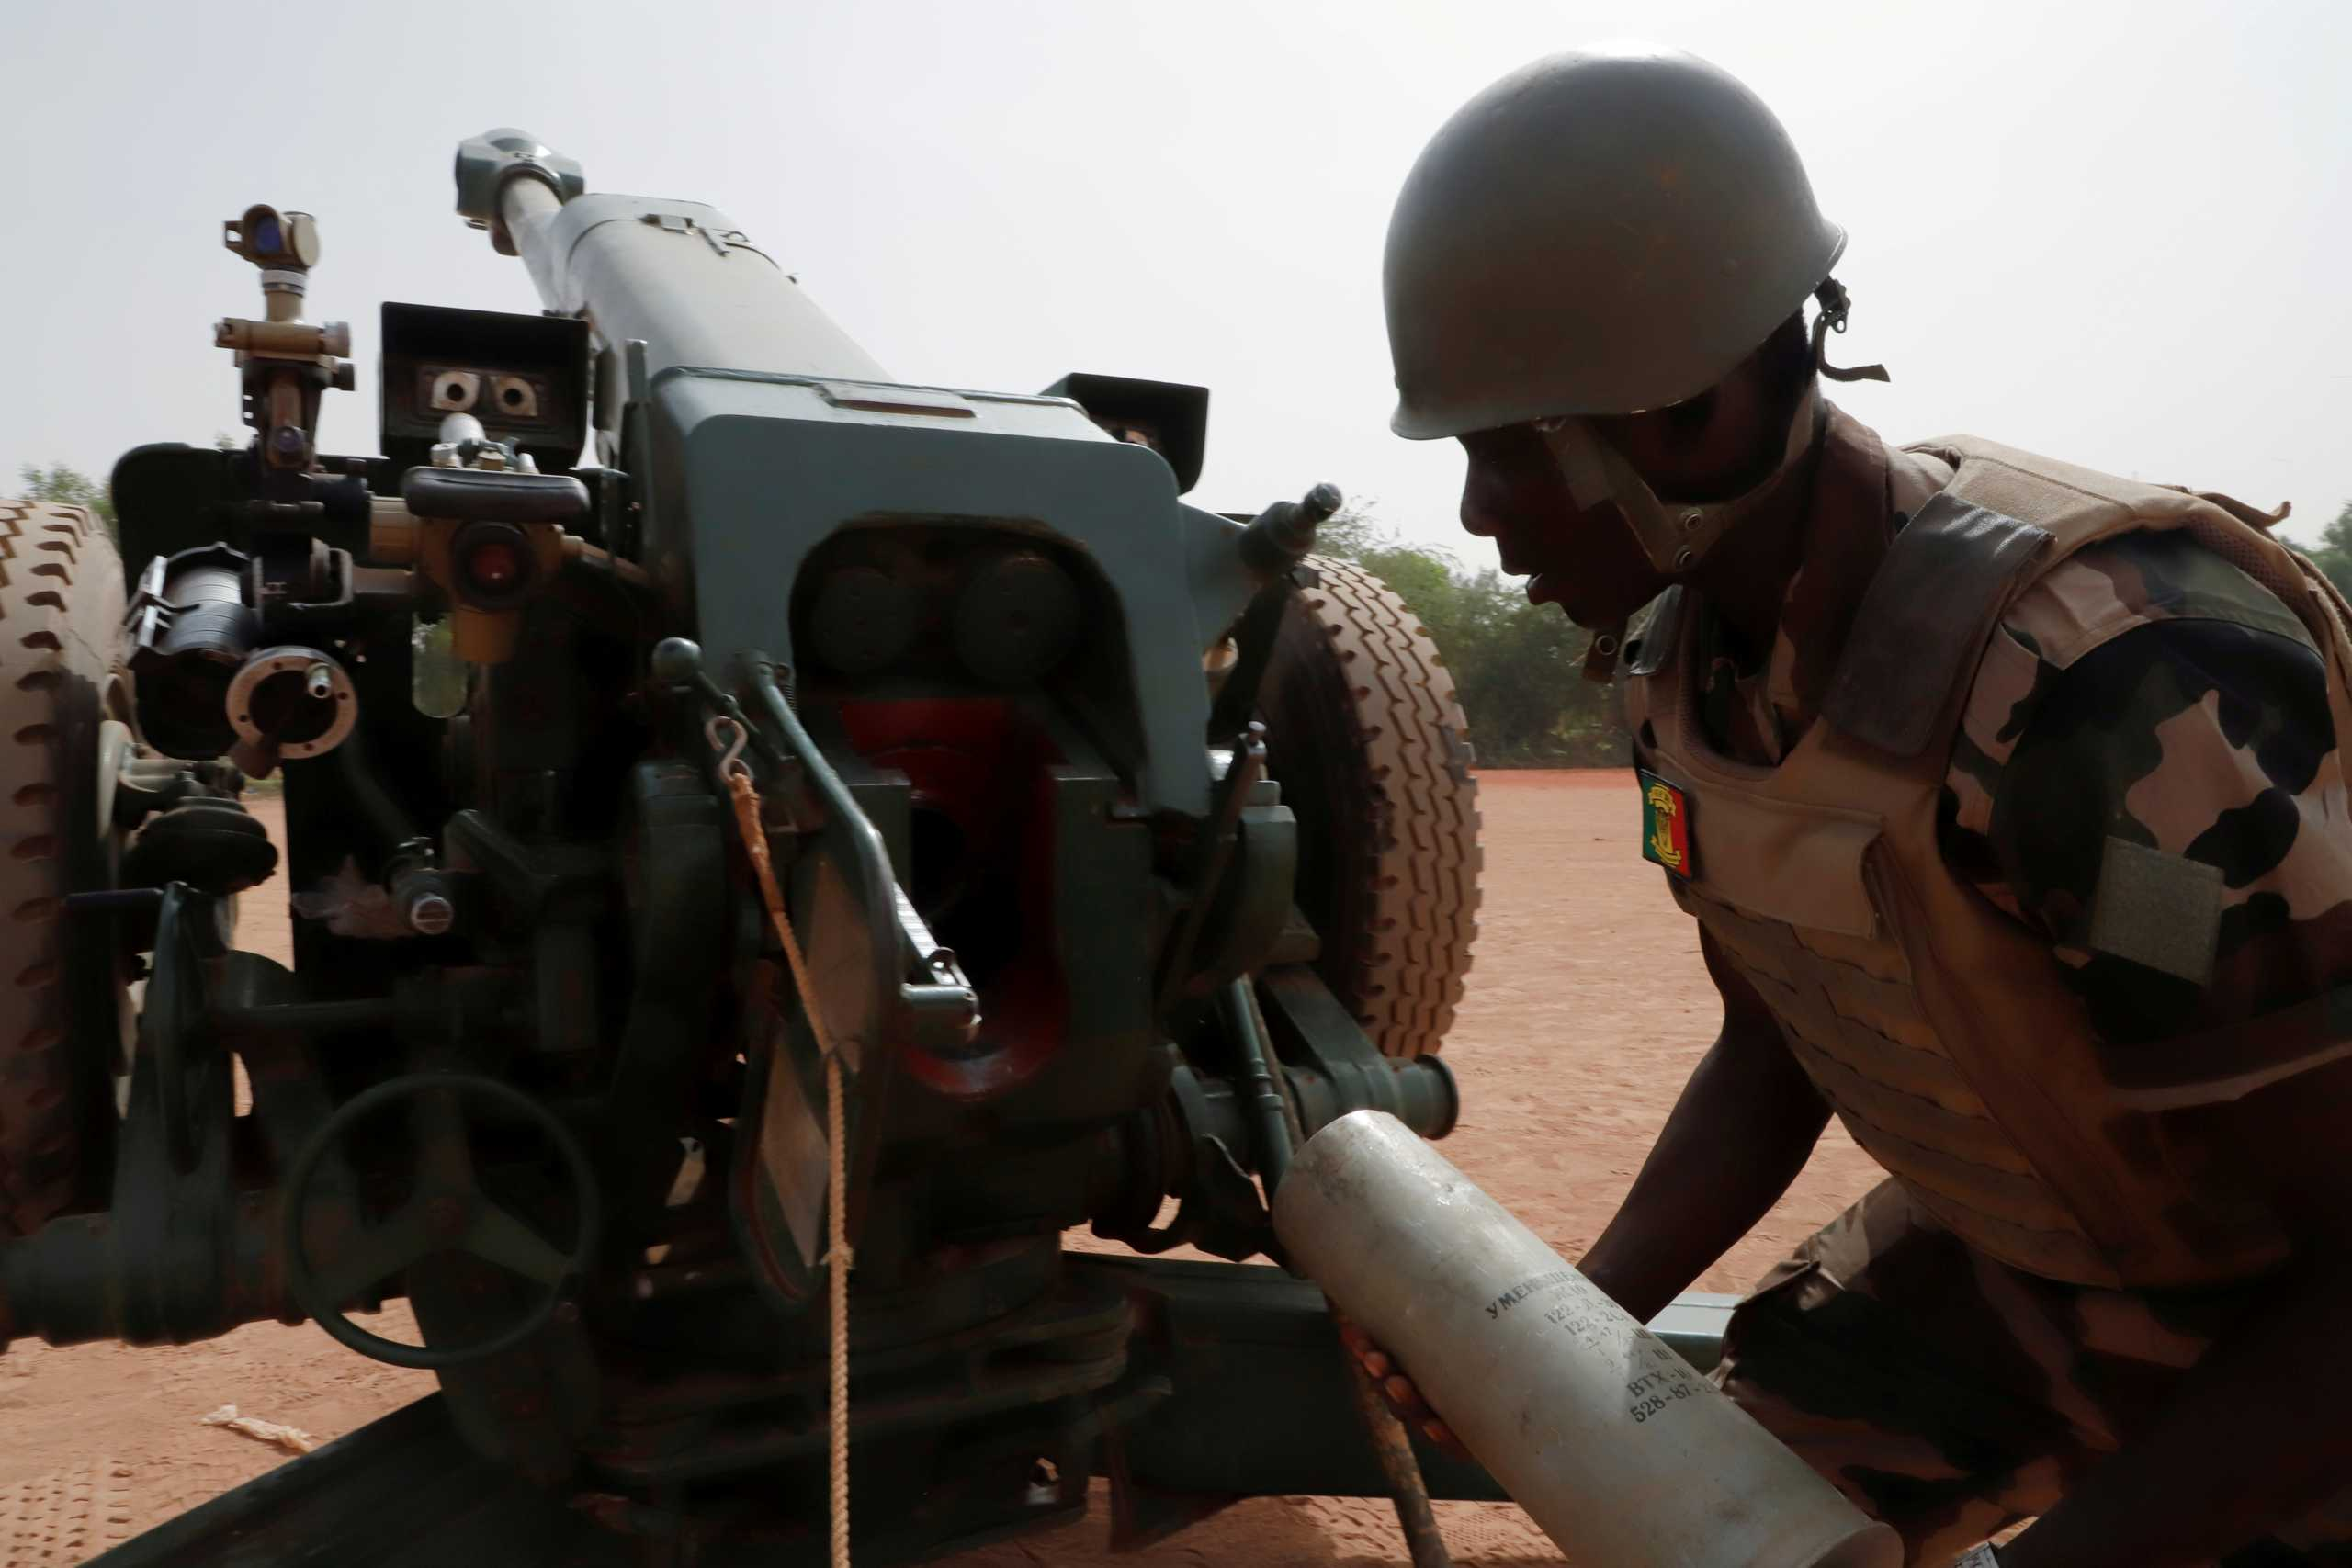 Μάλι: Παρέλαβε ελικόπτερα, πυρομαχικά και όπλα από τη Ρωσία…με φόντο μισθοφόρους!